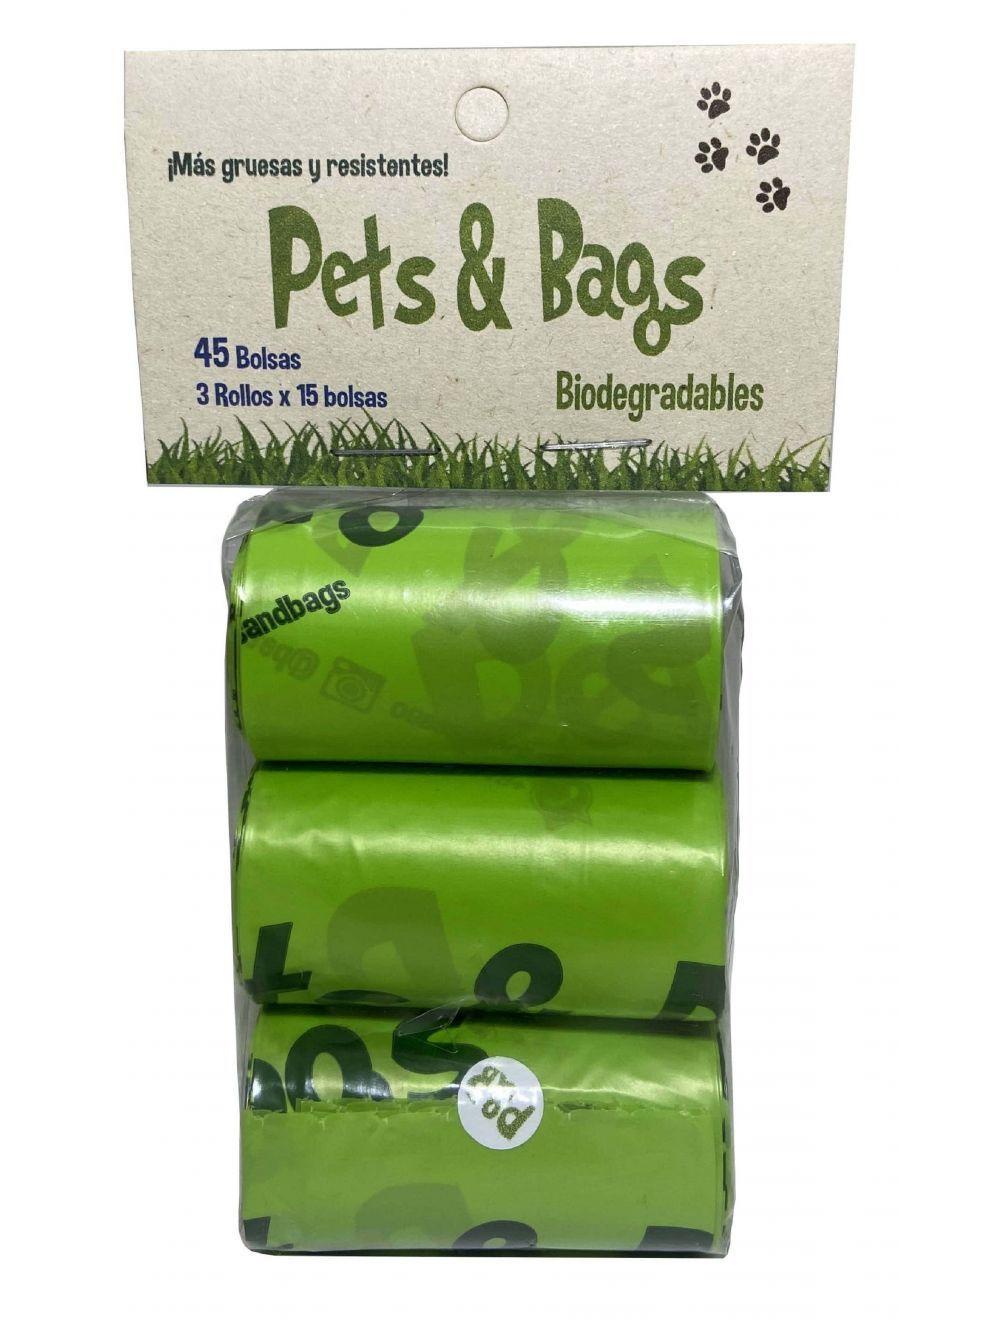 Pets & Bags Bolsas Biodegradables rollos-Ciudaddemascotas.com